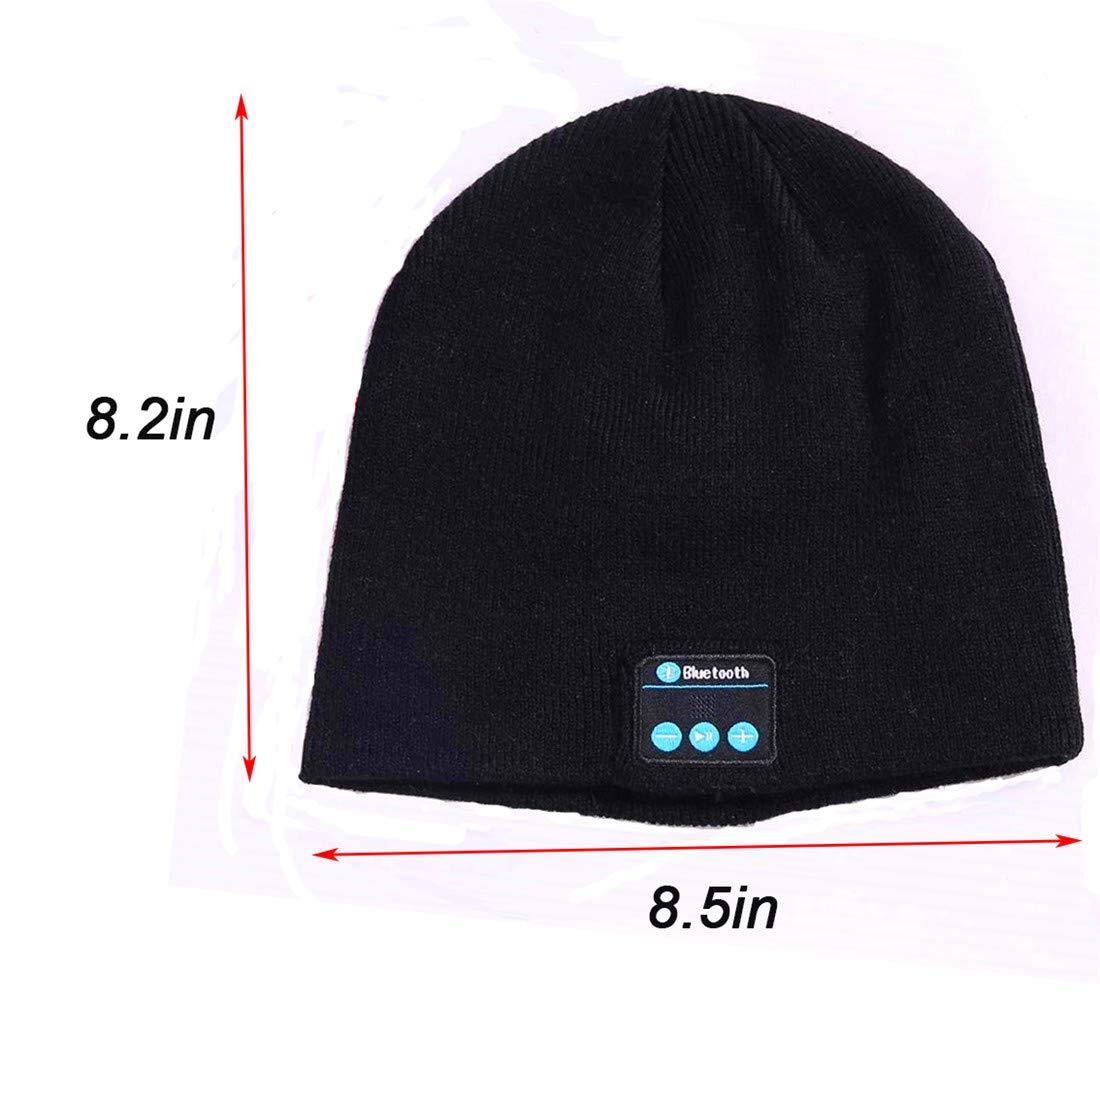 Berretto Bluetooth Cappello Musicale Beanie Invernale Auricolare Bluetooth  Lavabile Cuffia in Maglia Calda Morbida Ricevere chiamate e Musica a  Ricezione ... f173b07fb752